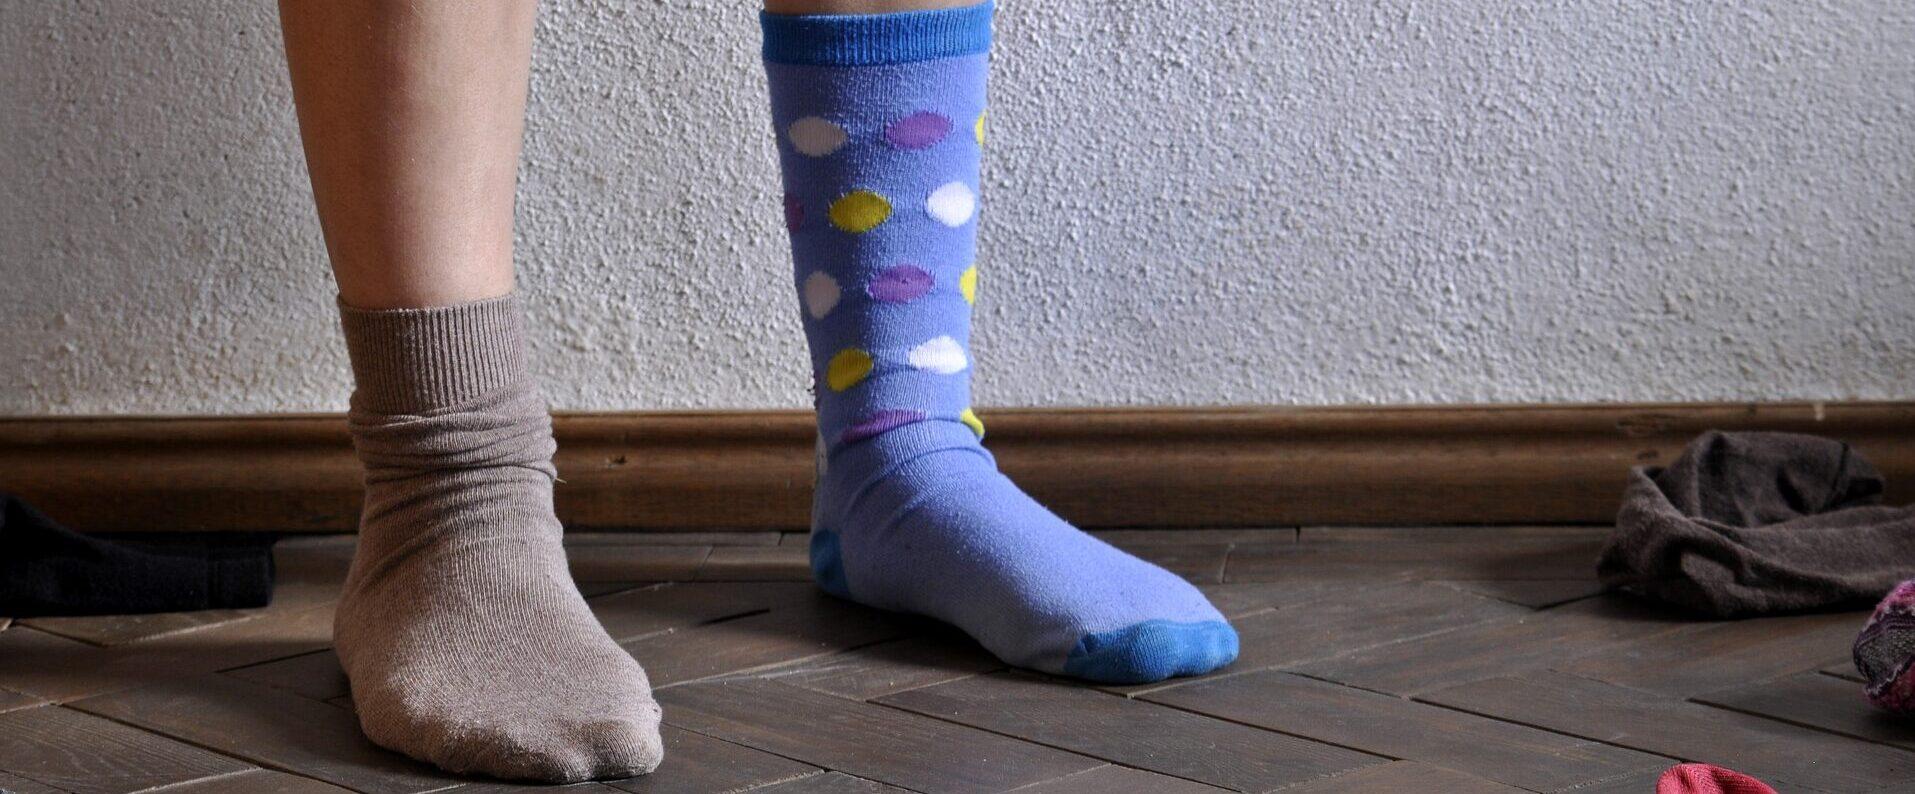 Unterschiedliche Socken